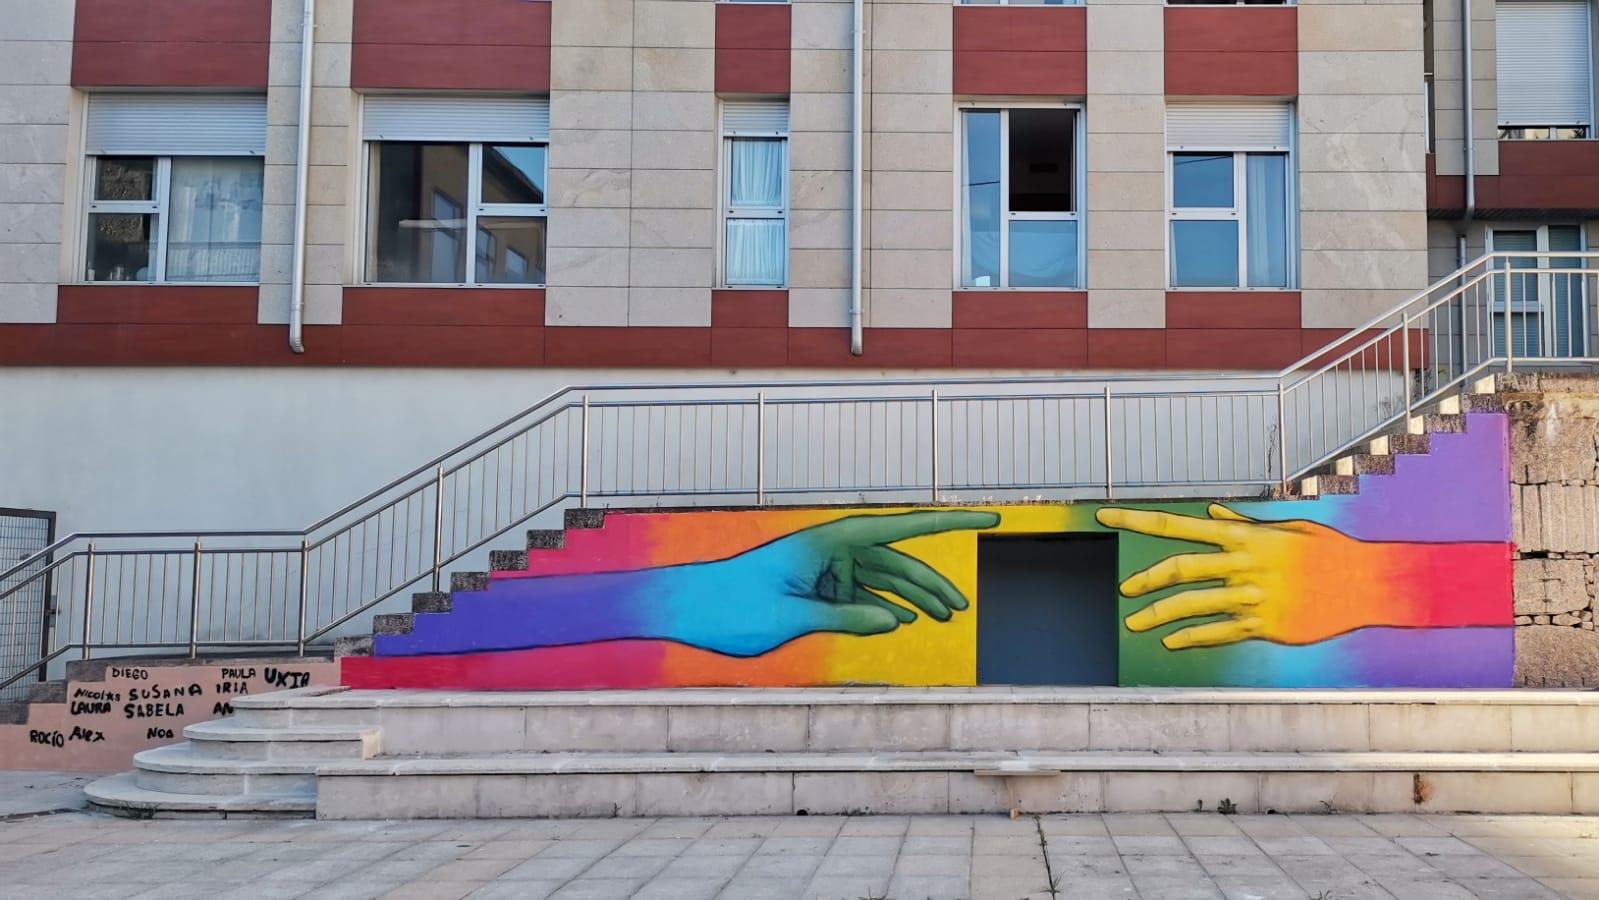 Mozas e mozos porriñeses fixeron a súa achega á conmemoración do Día do Orgullo, colaborando nun mural no Centro Cultural